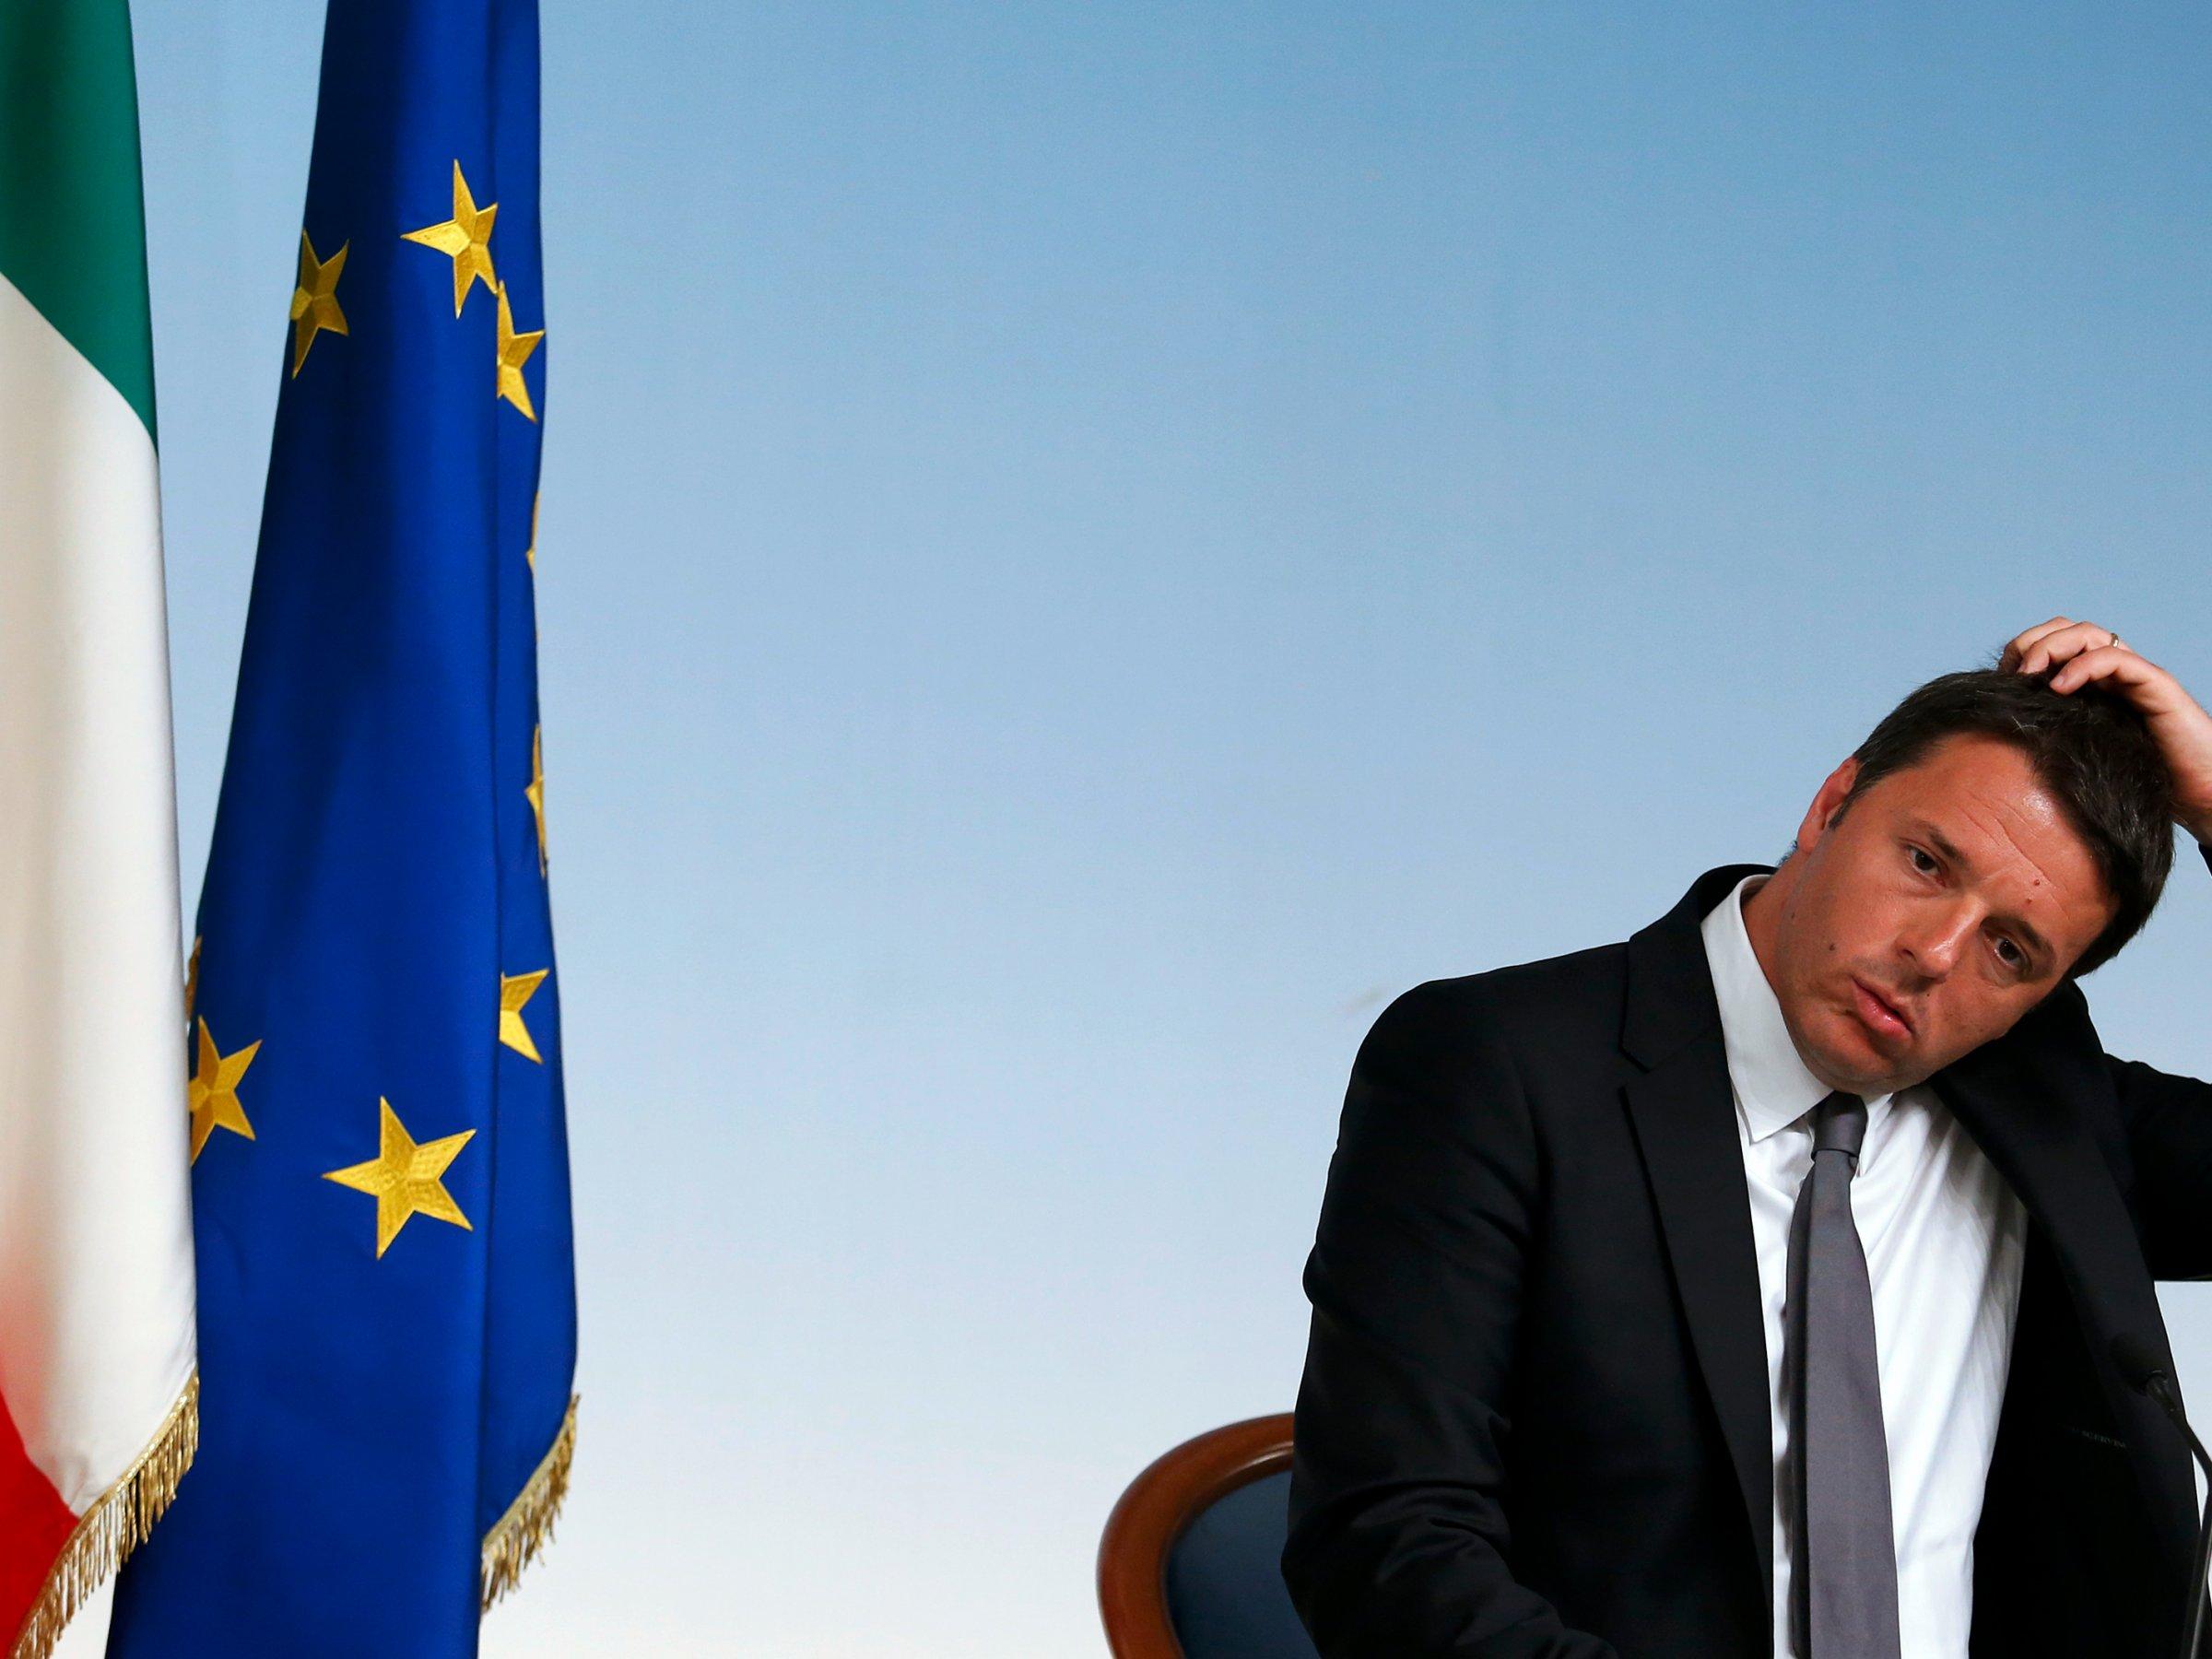 Итальянскому премьеру приходится задумываться о том, насколько далеко можно зайти в спорах с другими странами ЕС.